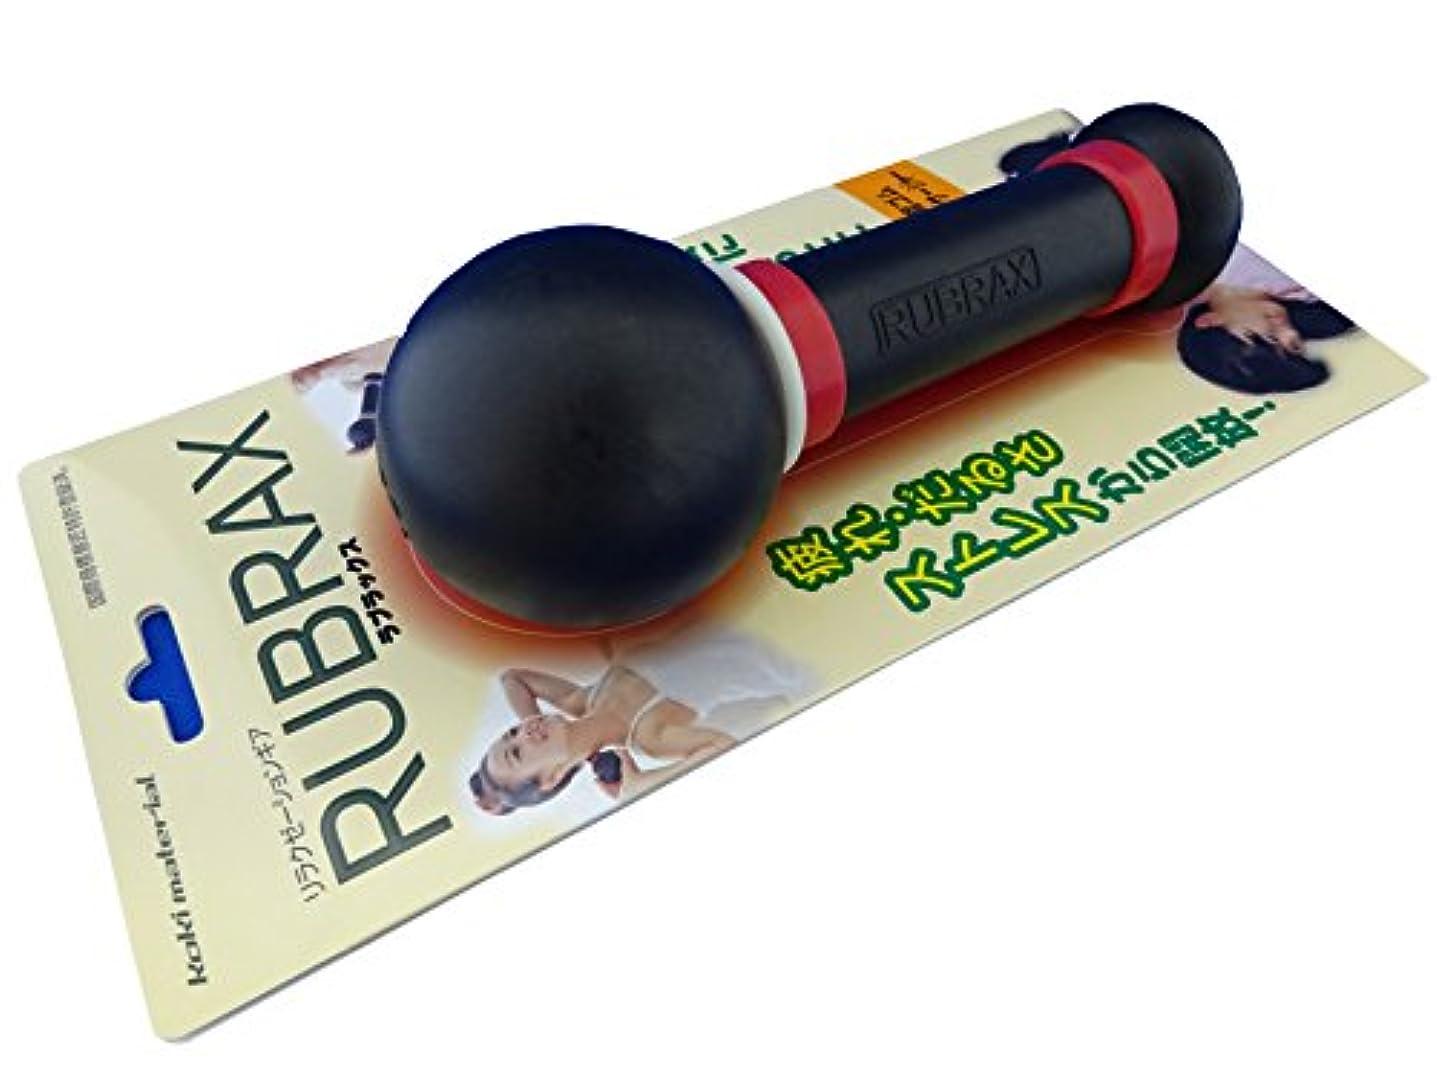 プレビスサイト講堂再びコーキマテリアル リラクゼーションギア RUBRAX(ラブラックス)